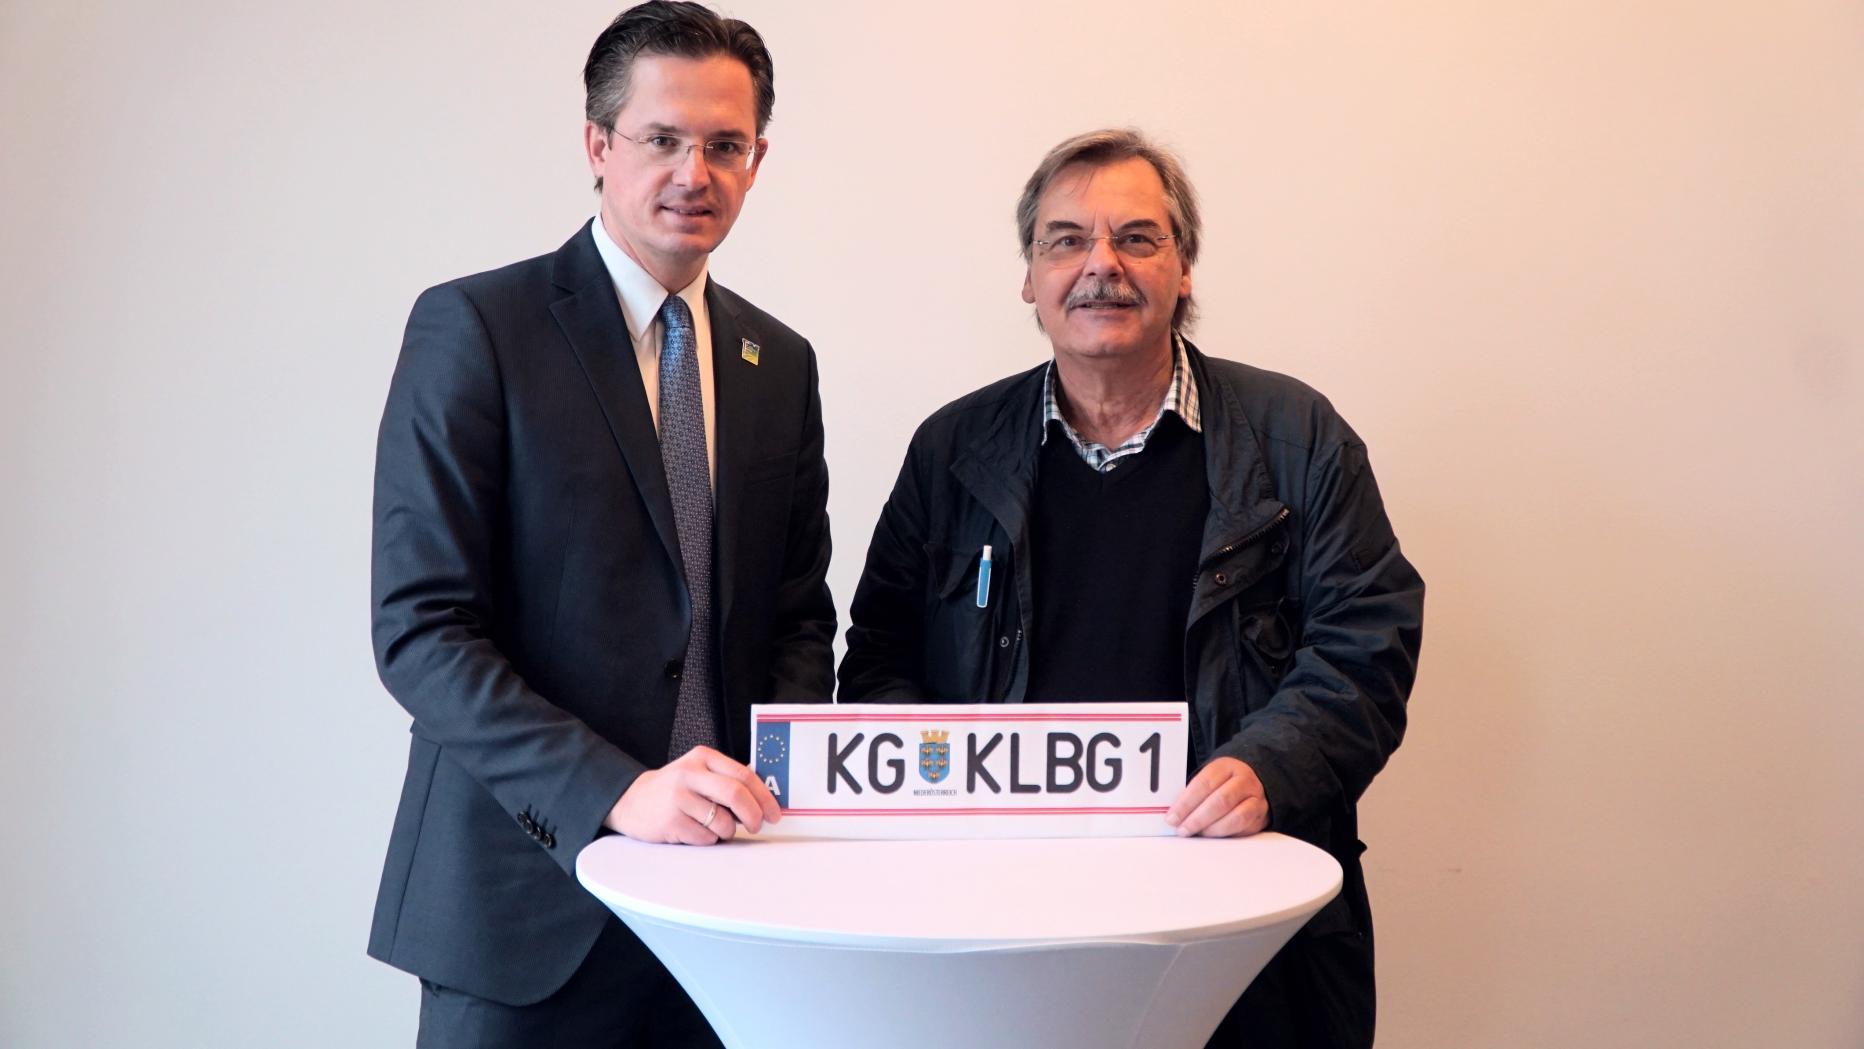 Leonhard Partnersuche Fr Singles Klosterneuburg